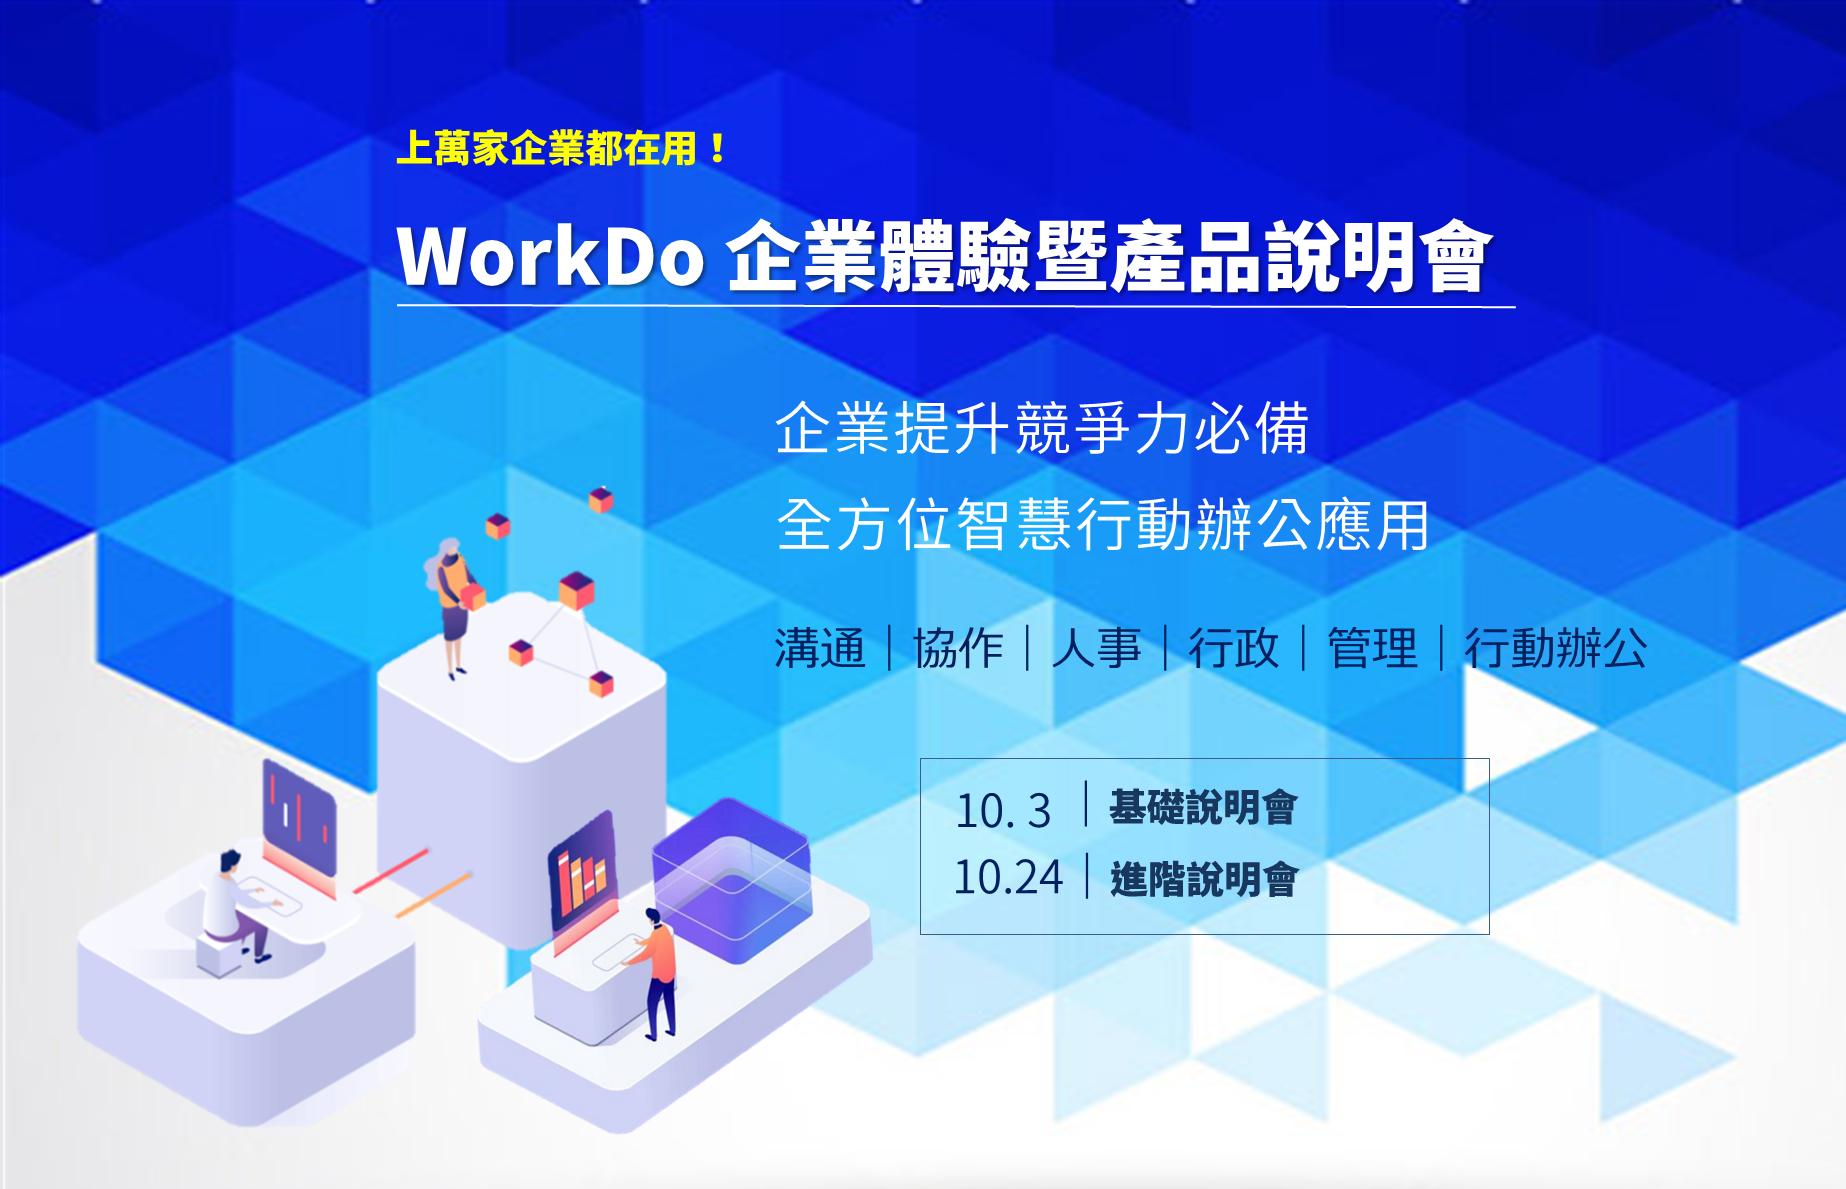 WorkDo產品說明會